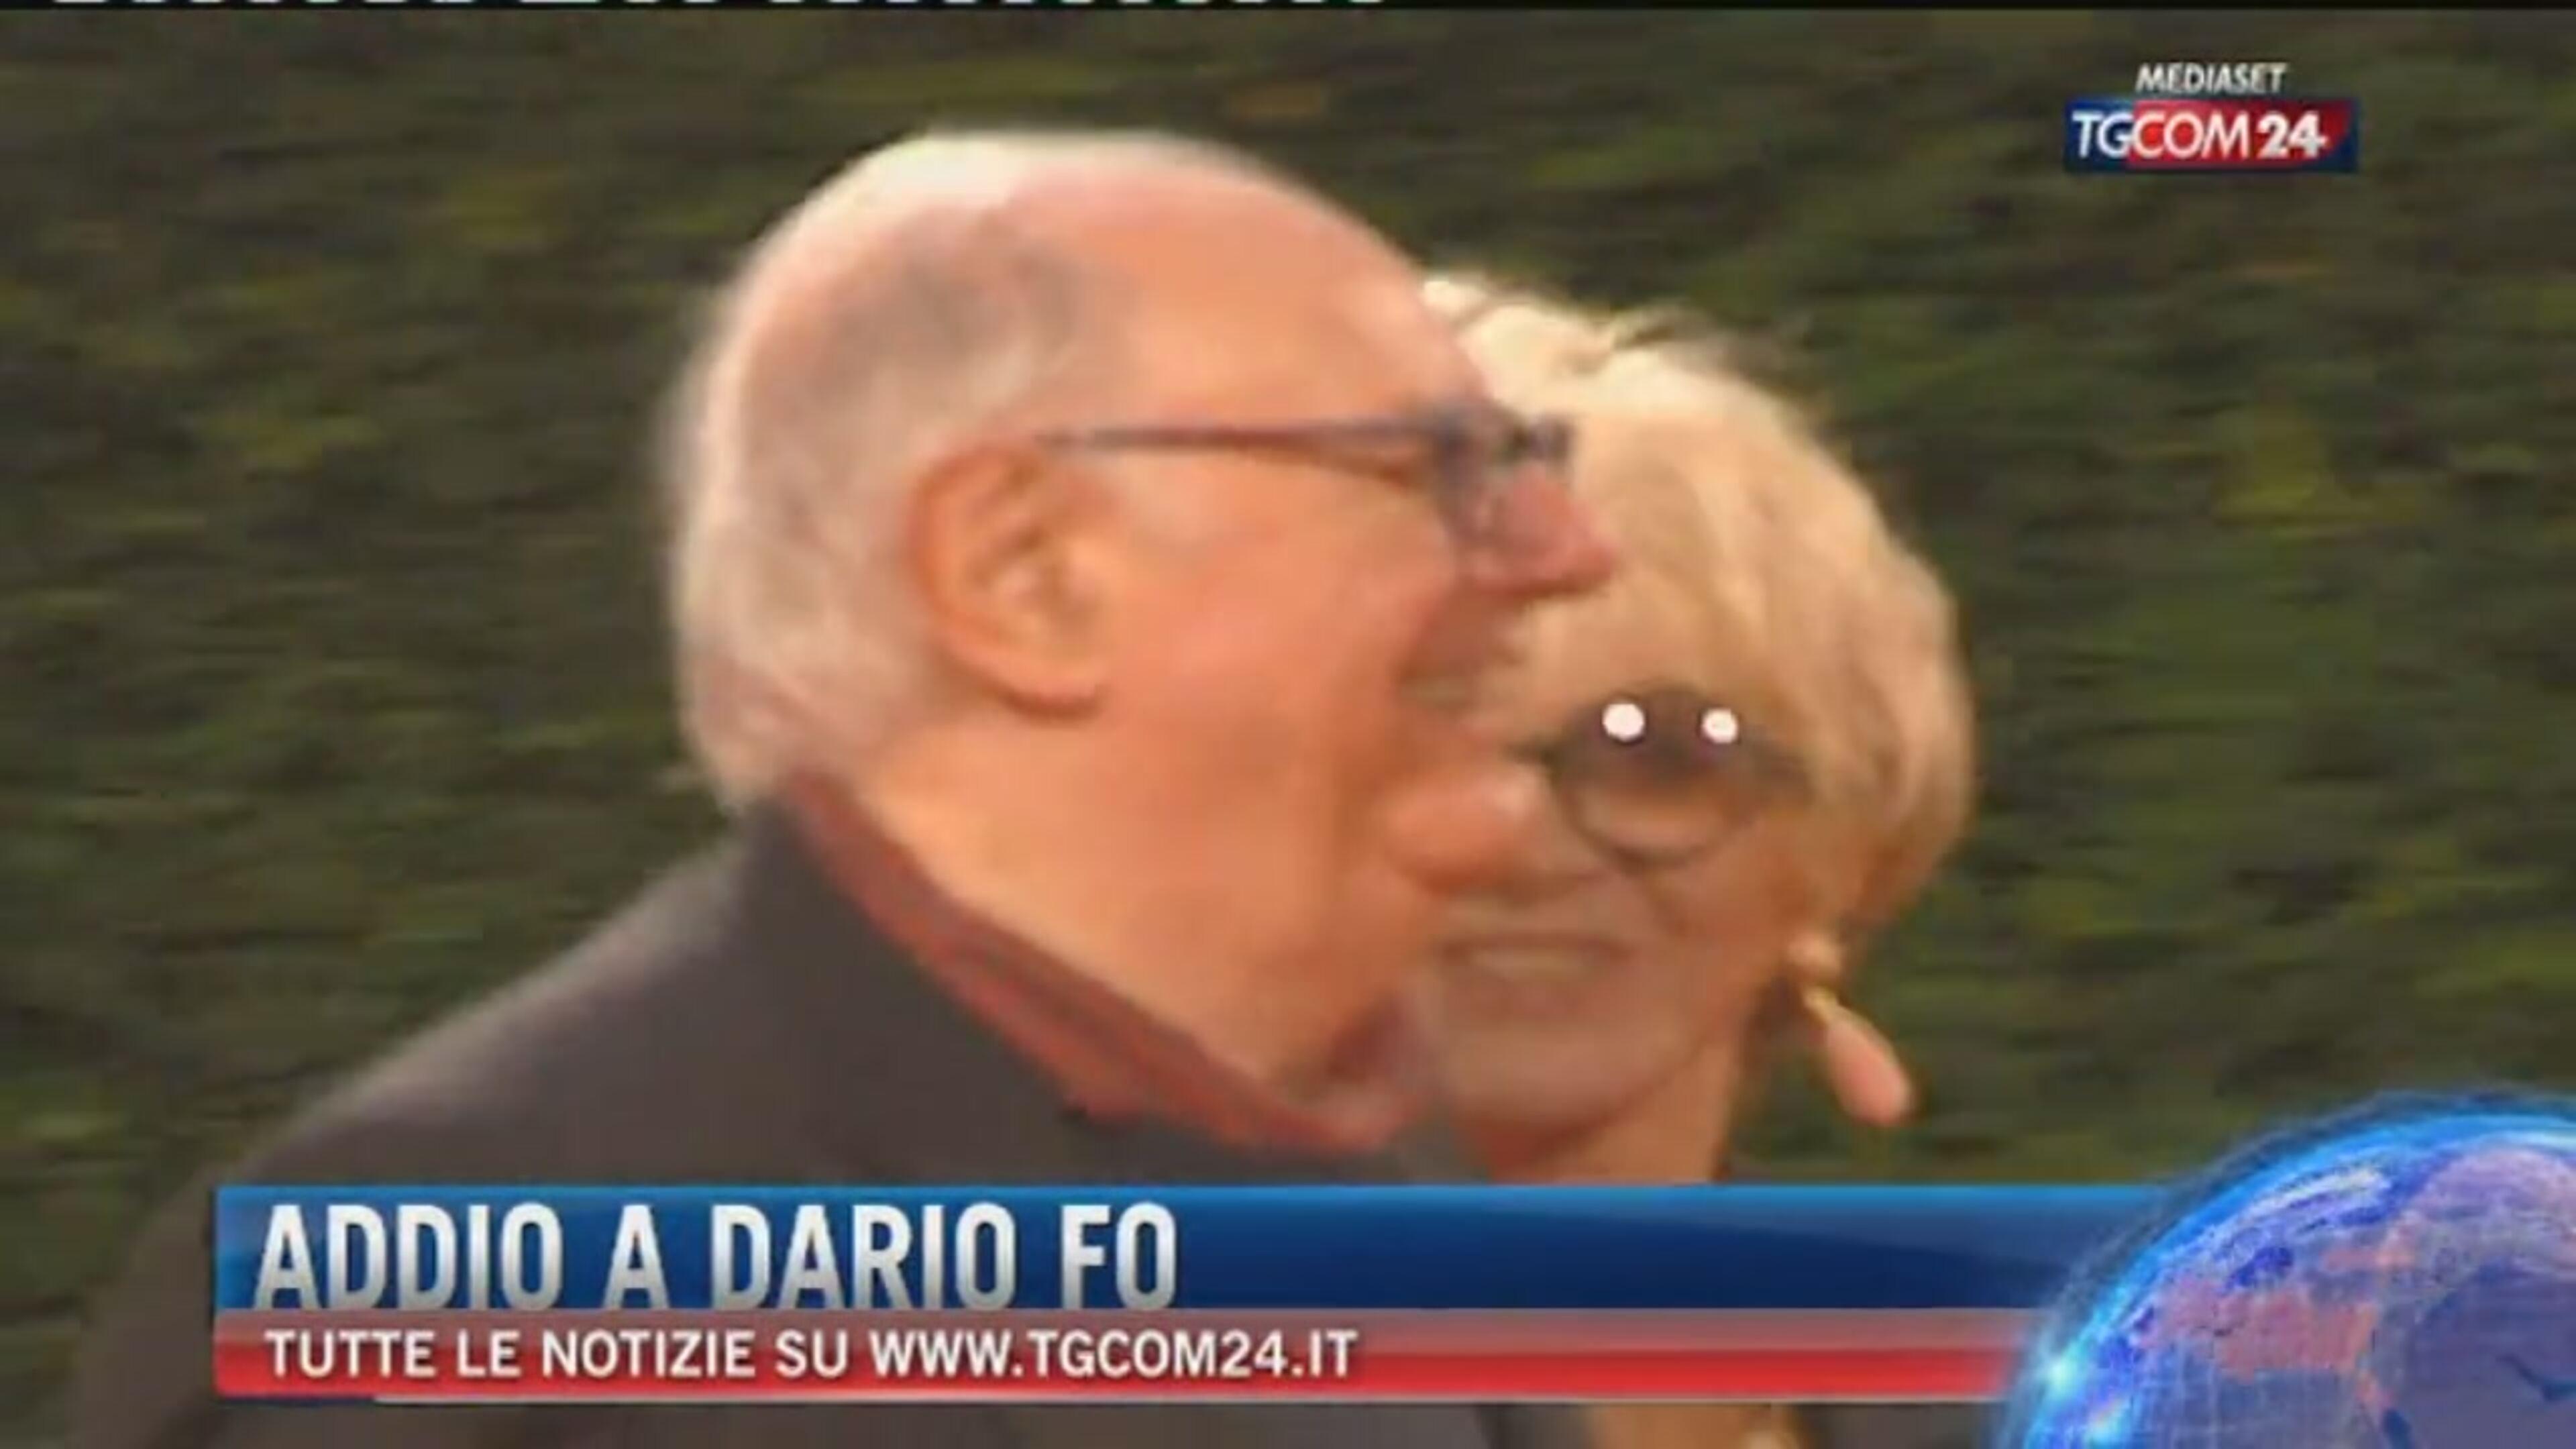 Addio a Dario Fo